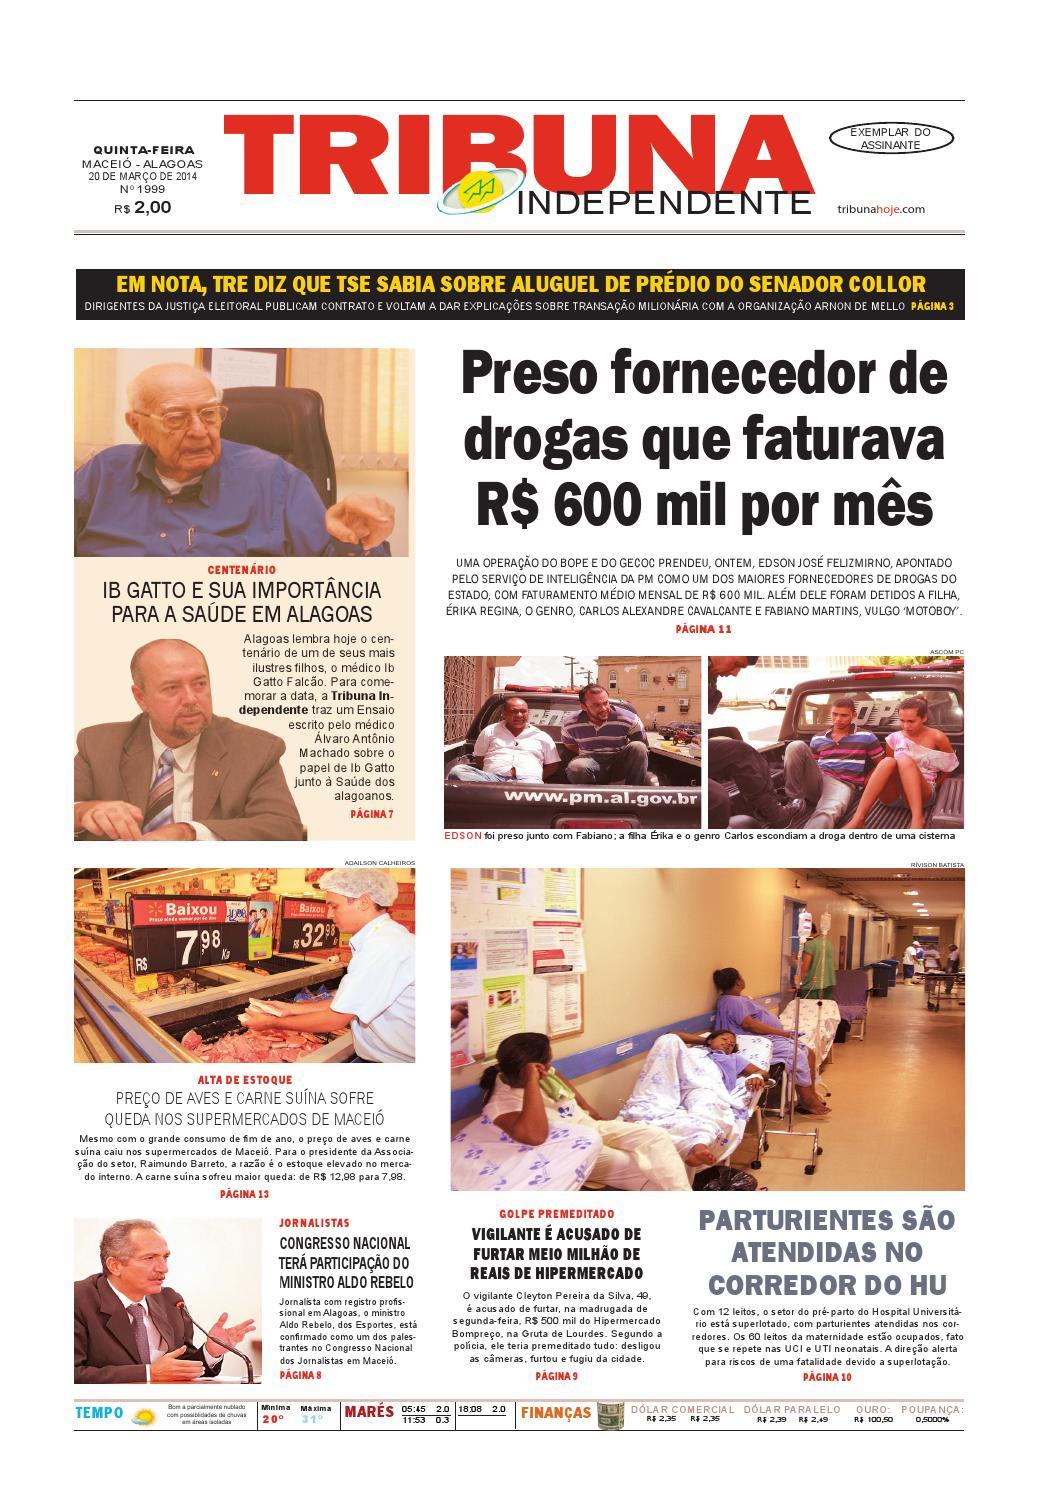 7648c488380 Edição número 1999 - 20 de março de 2014 by Tribuna Hoje - issuu